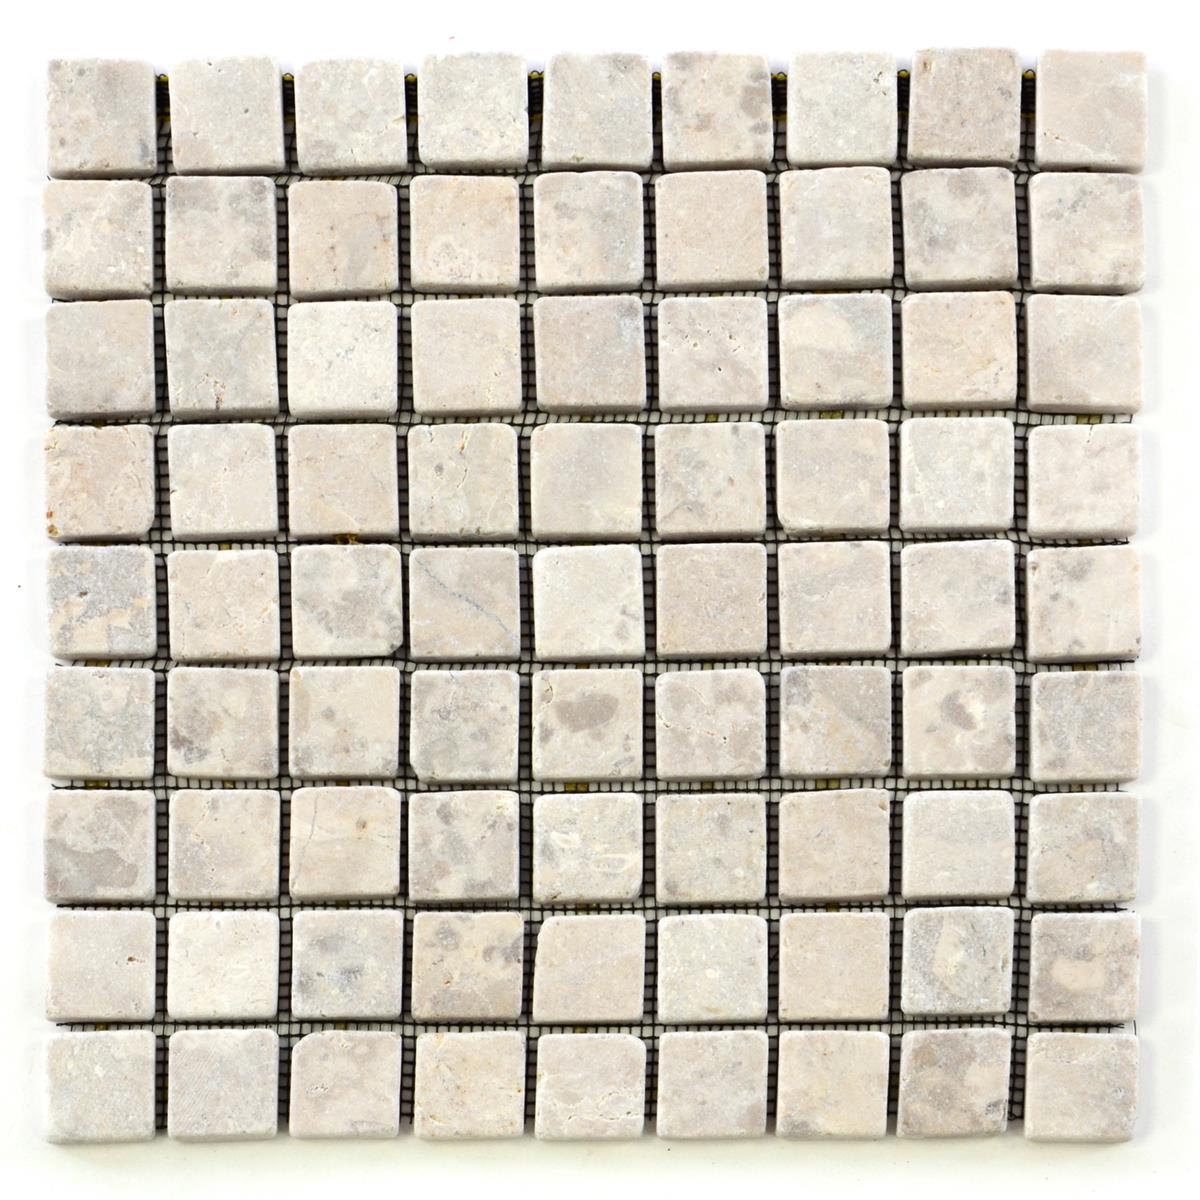 DIVERO 1 Fliesenmatte Naturstein Mosaik Marmor creme 29 x 29 cm